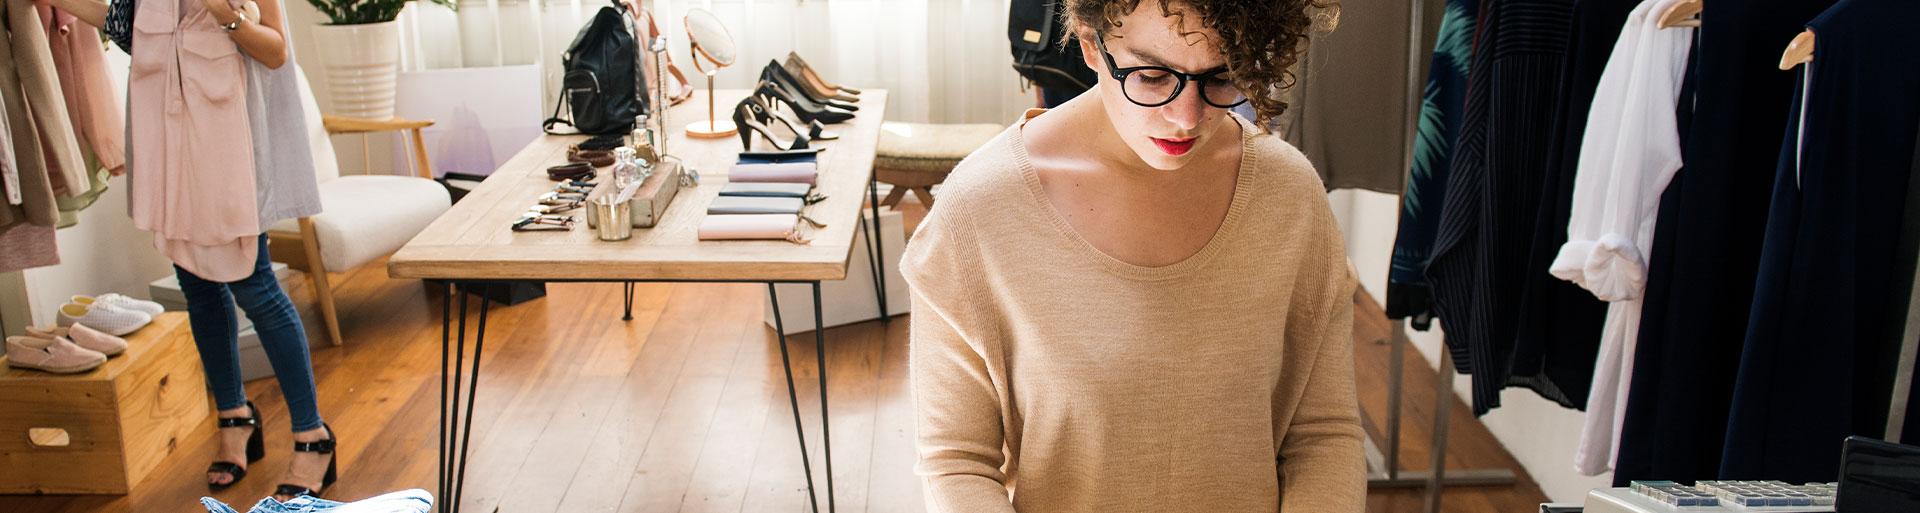 mulher trabalhando em loja de roupas